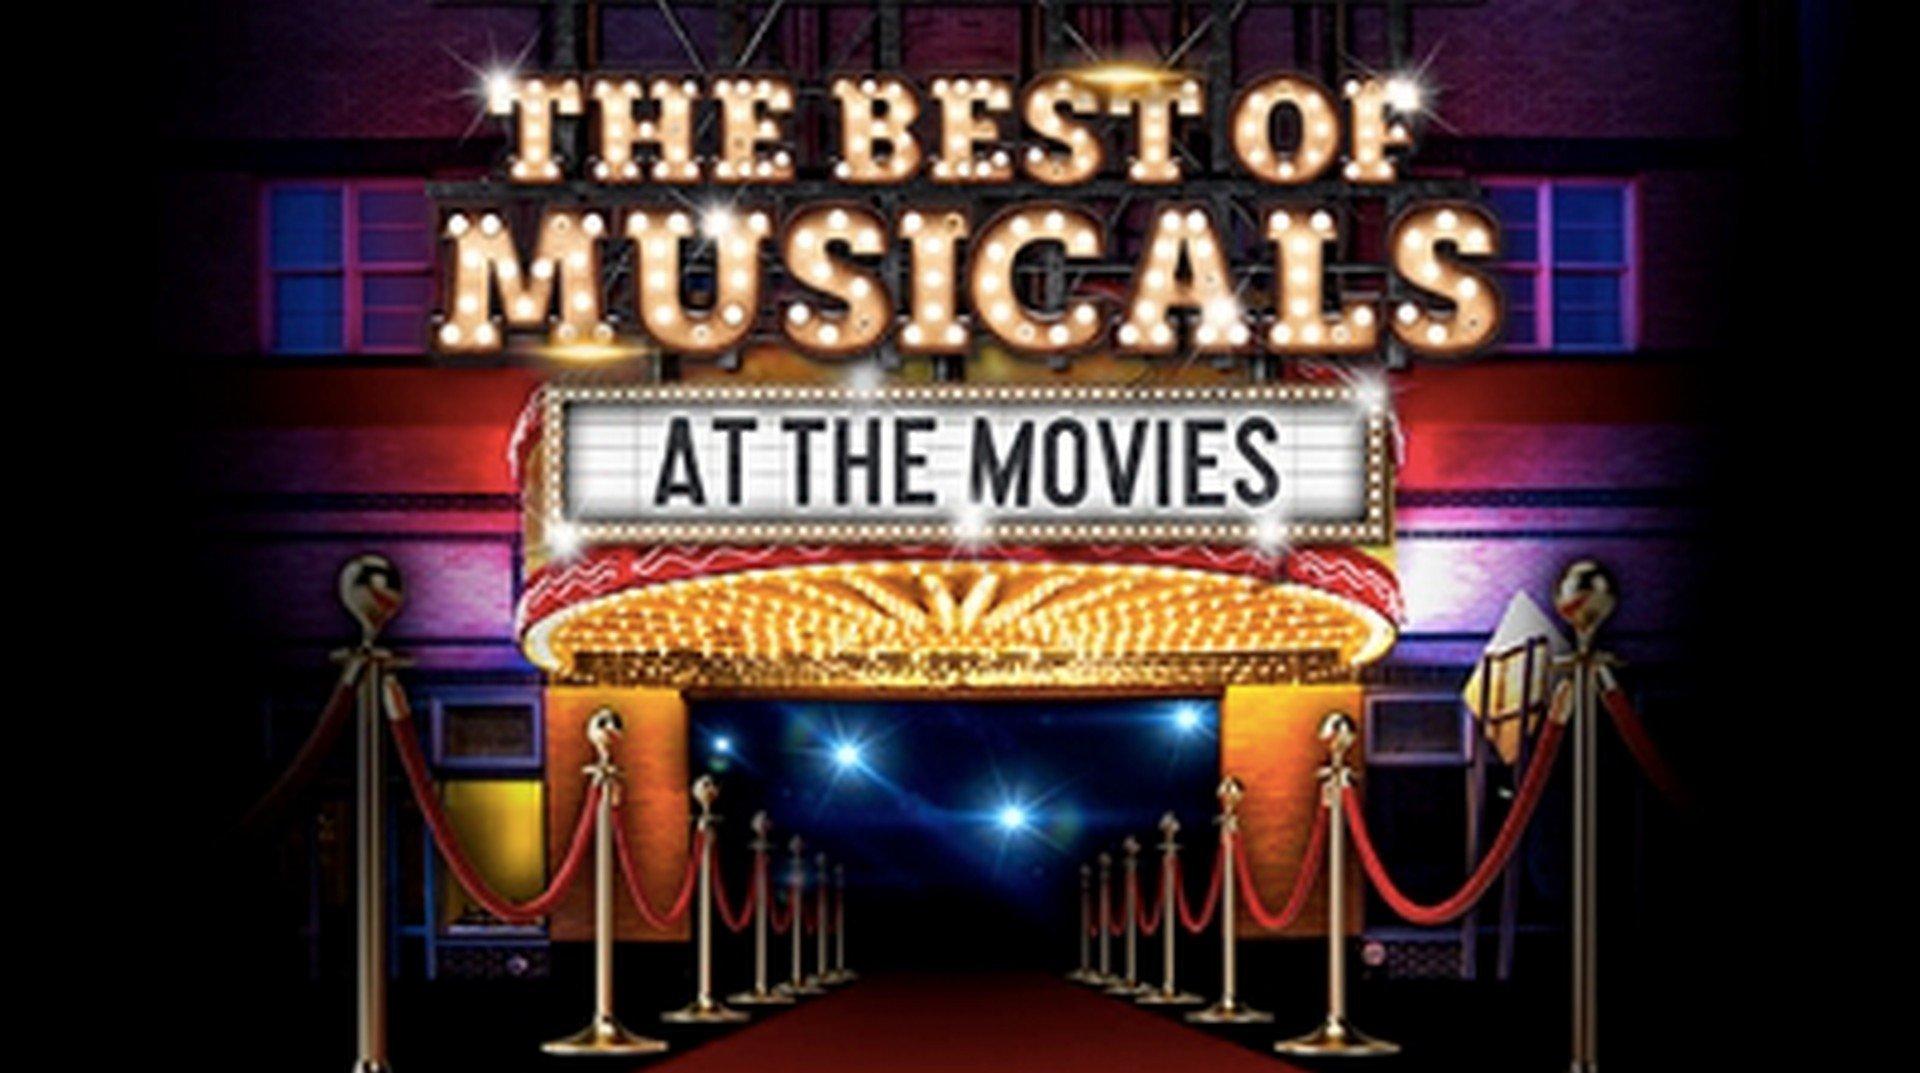 Derde editie van succesformule 'The Best Of Musicals' - The Best Of Musicals 1 2